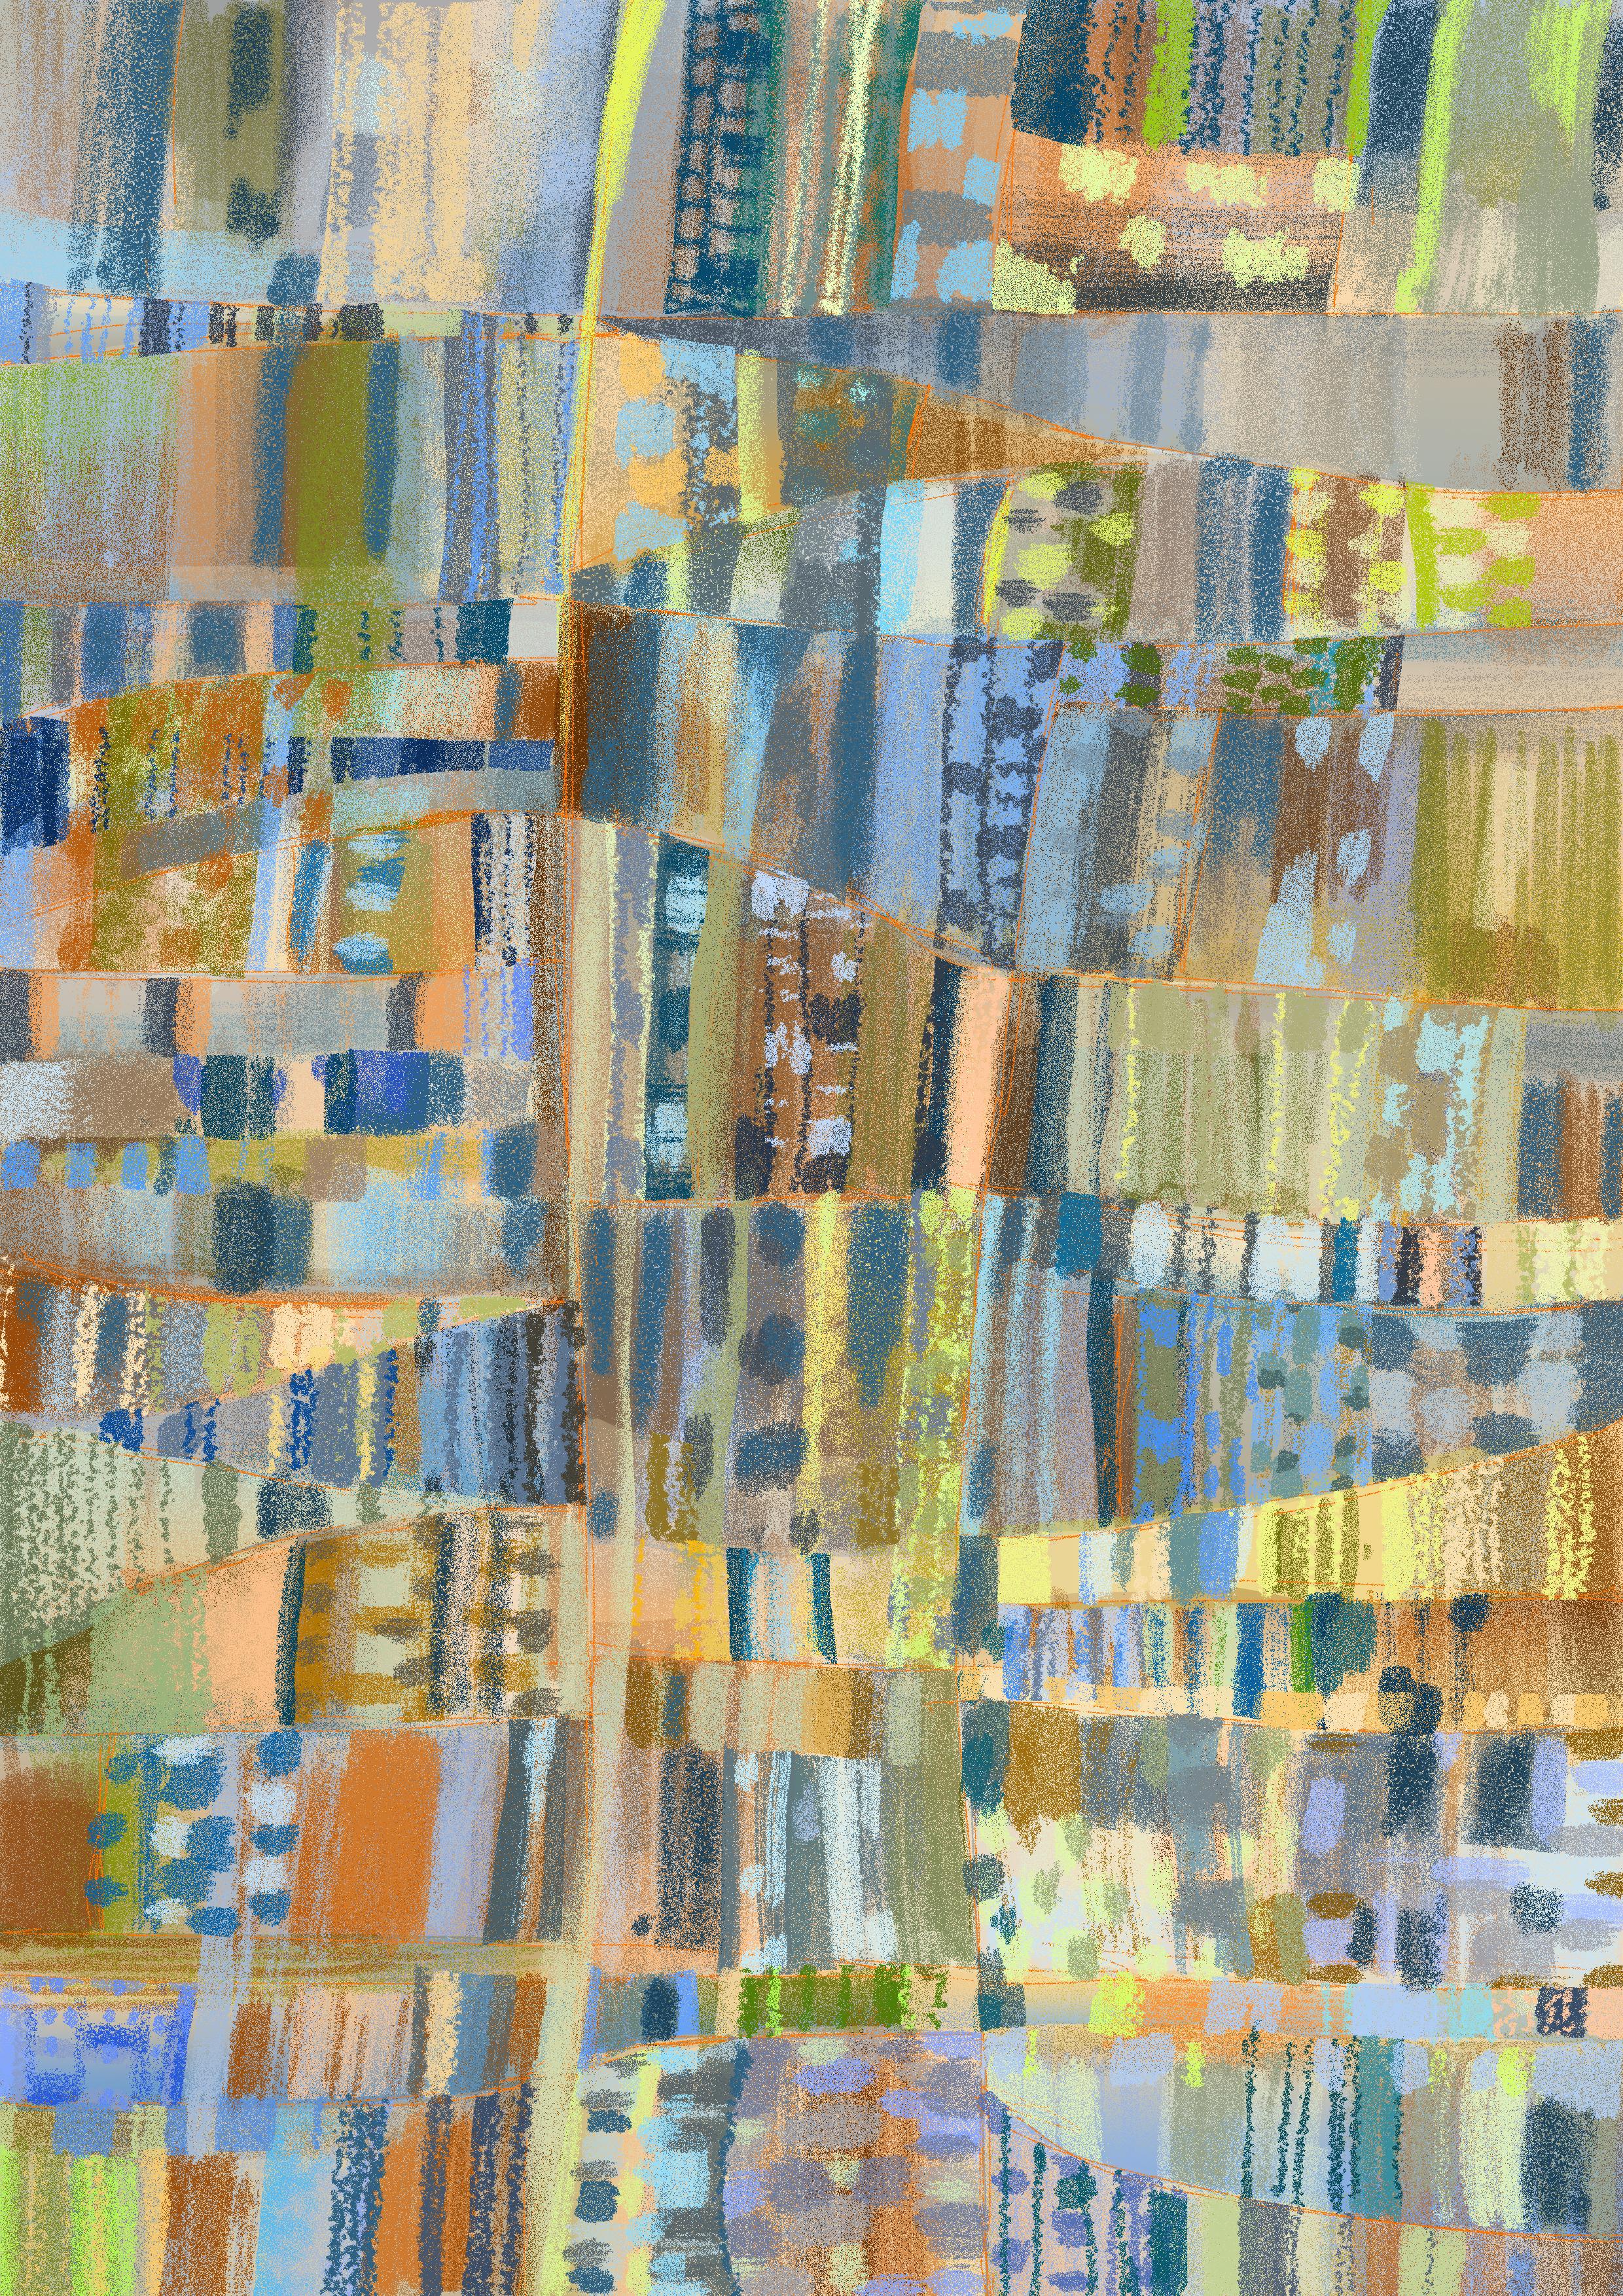 Fotos gratis : Francia, Europa, patrón, material, pintura, textil ...